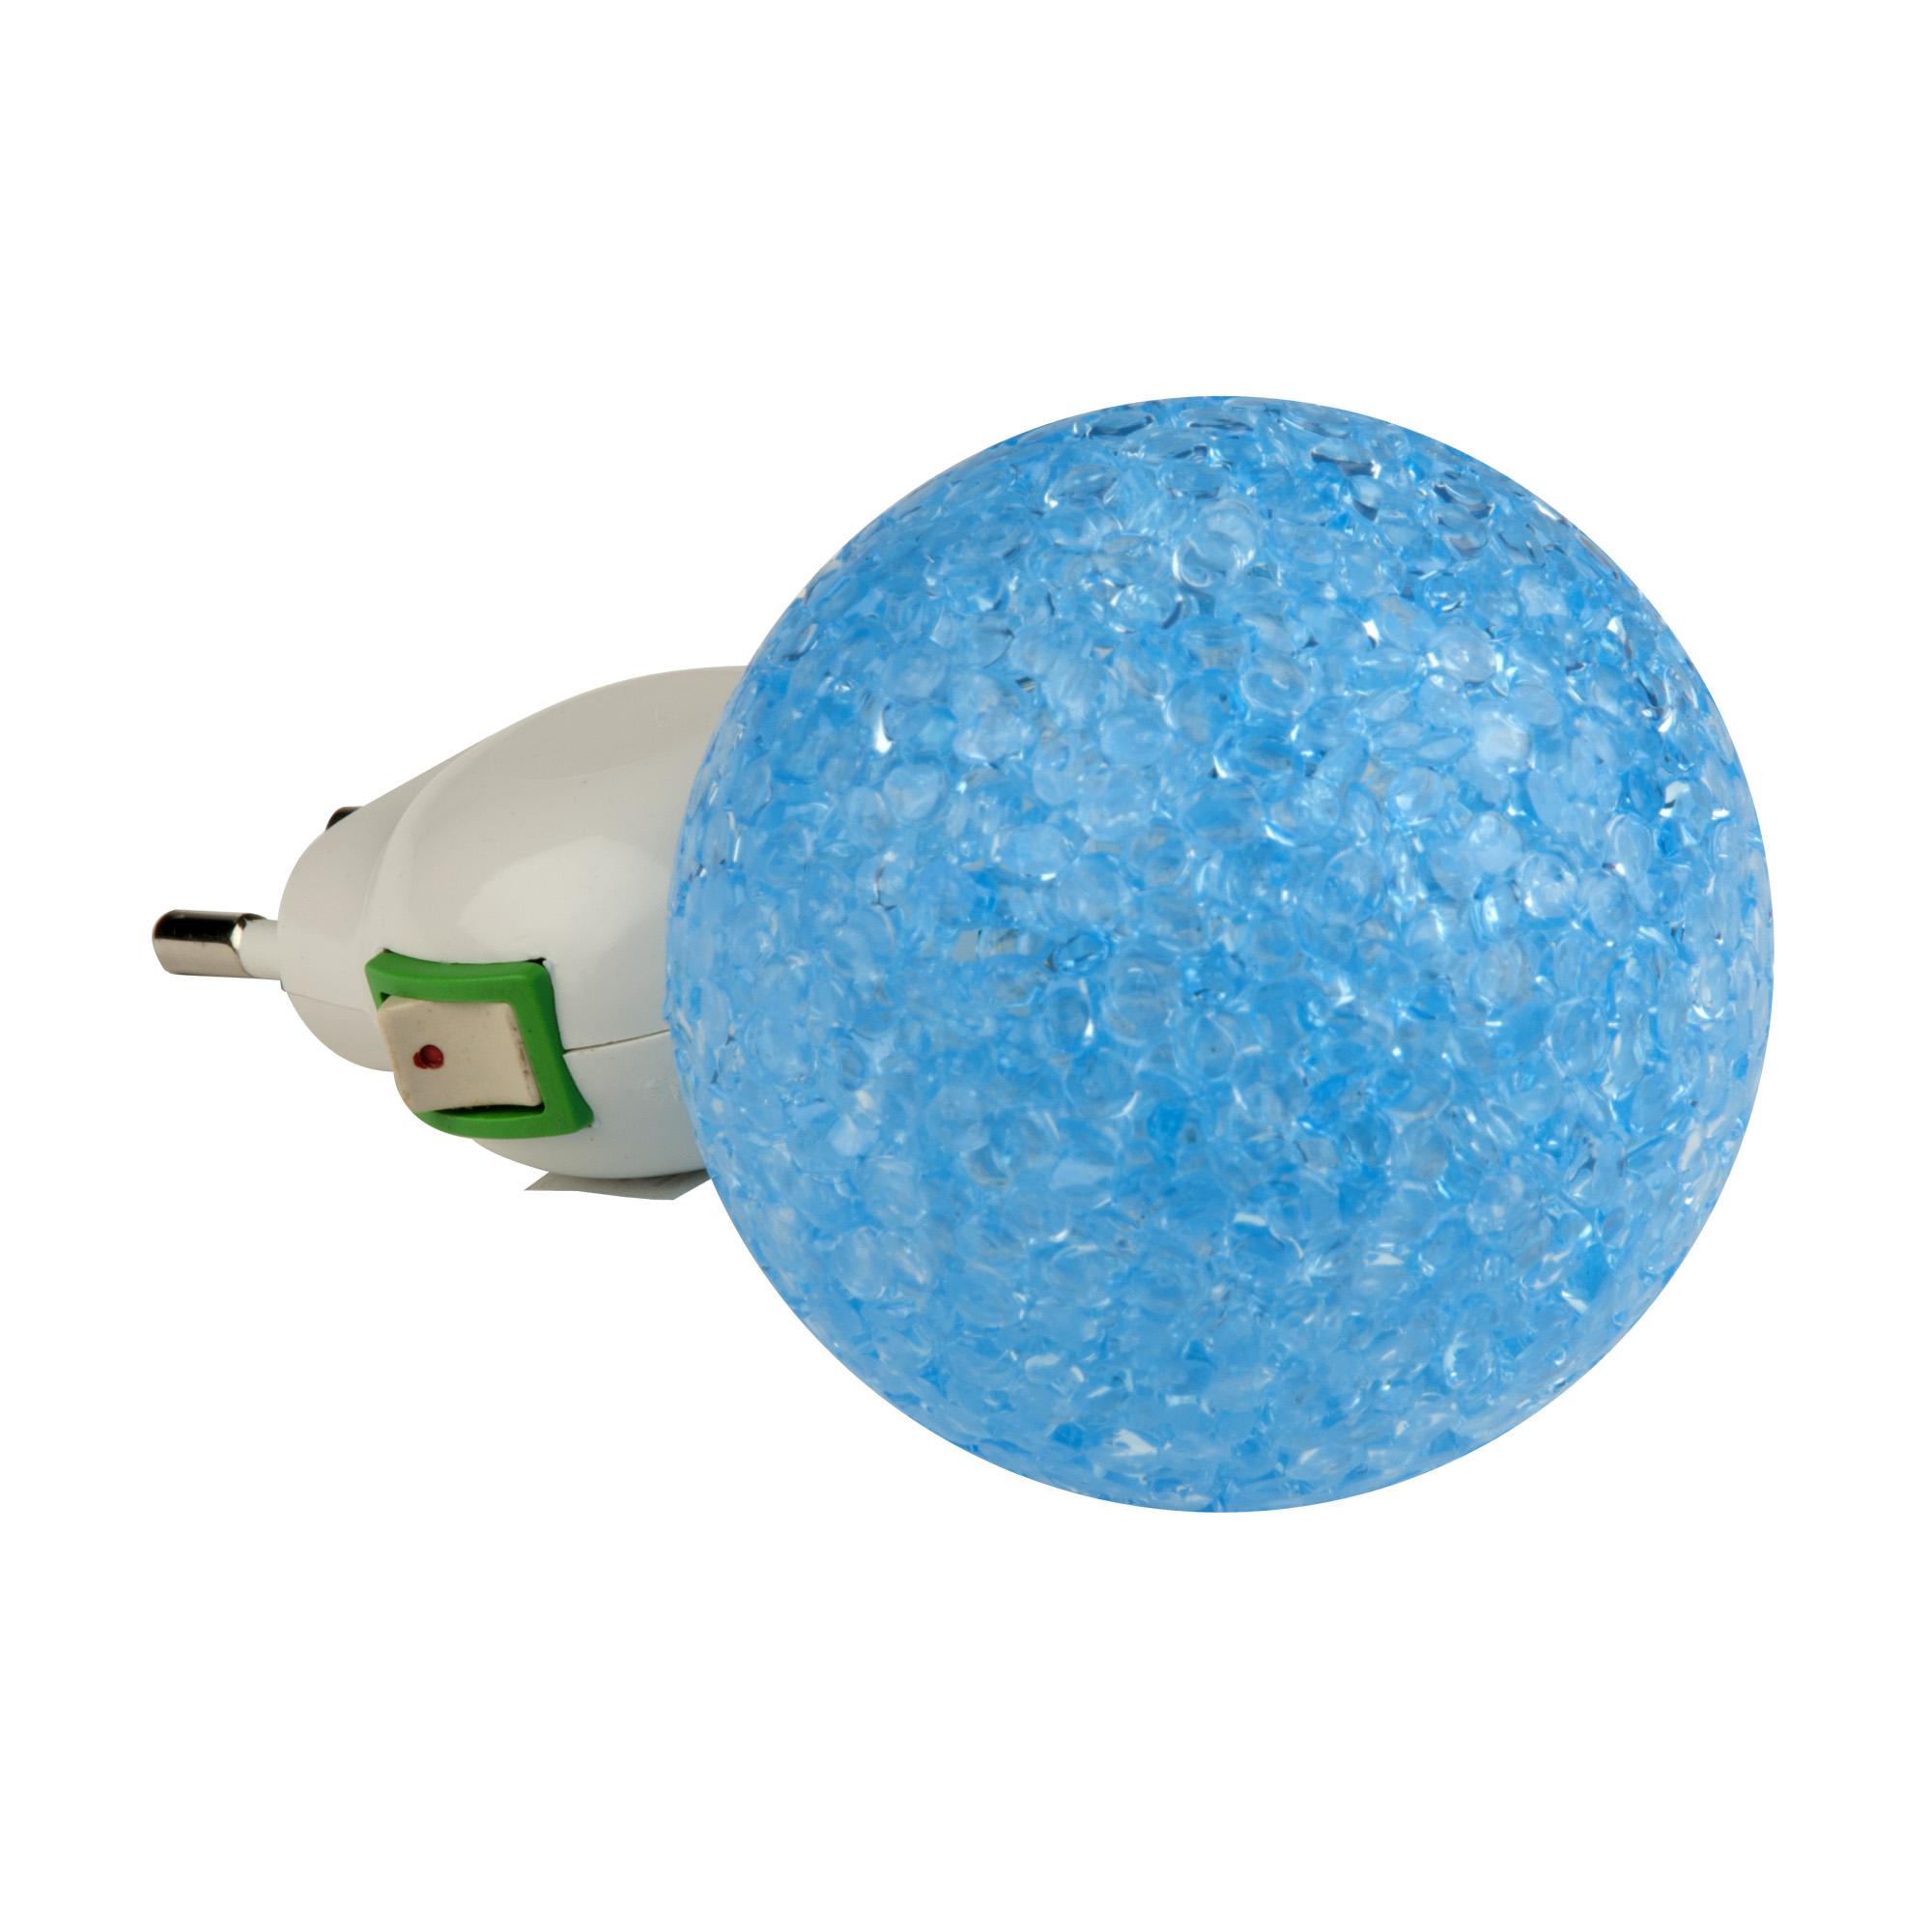 Ночник Uniel Dtl-309-Шар/blue/1led/0,1w